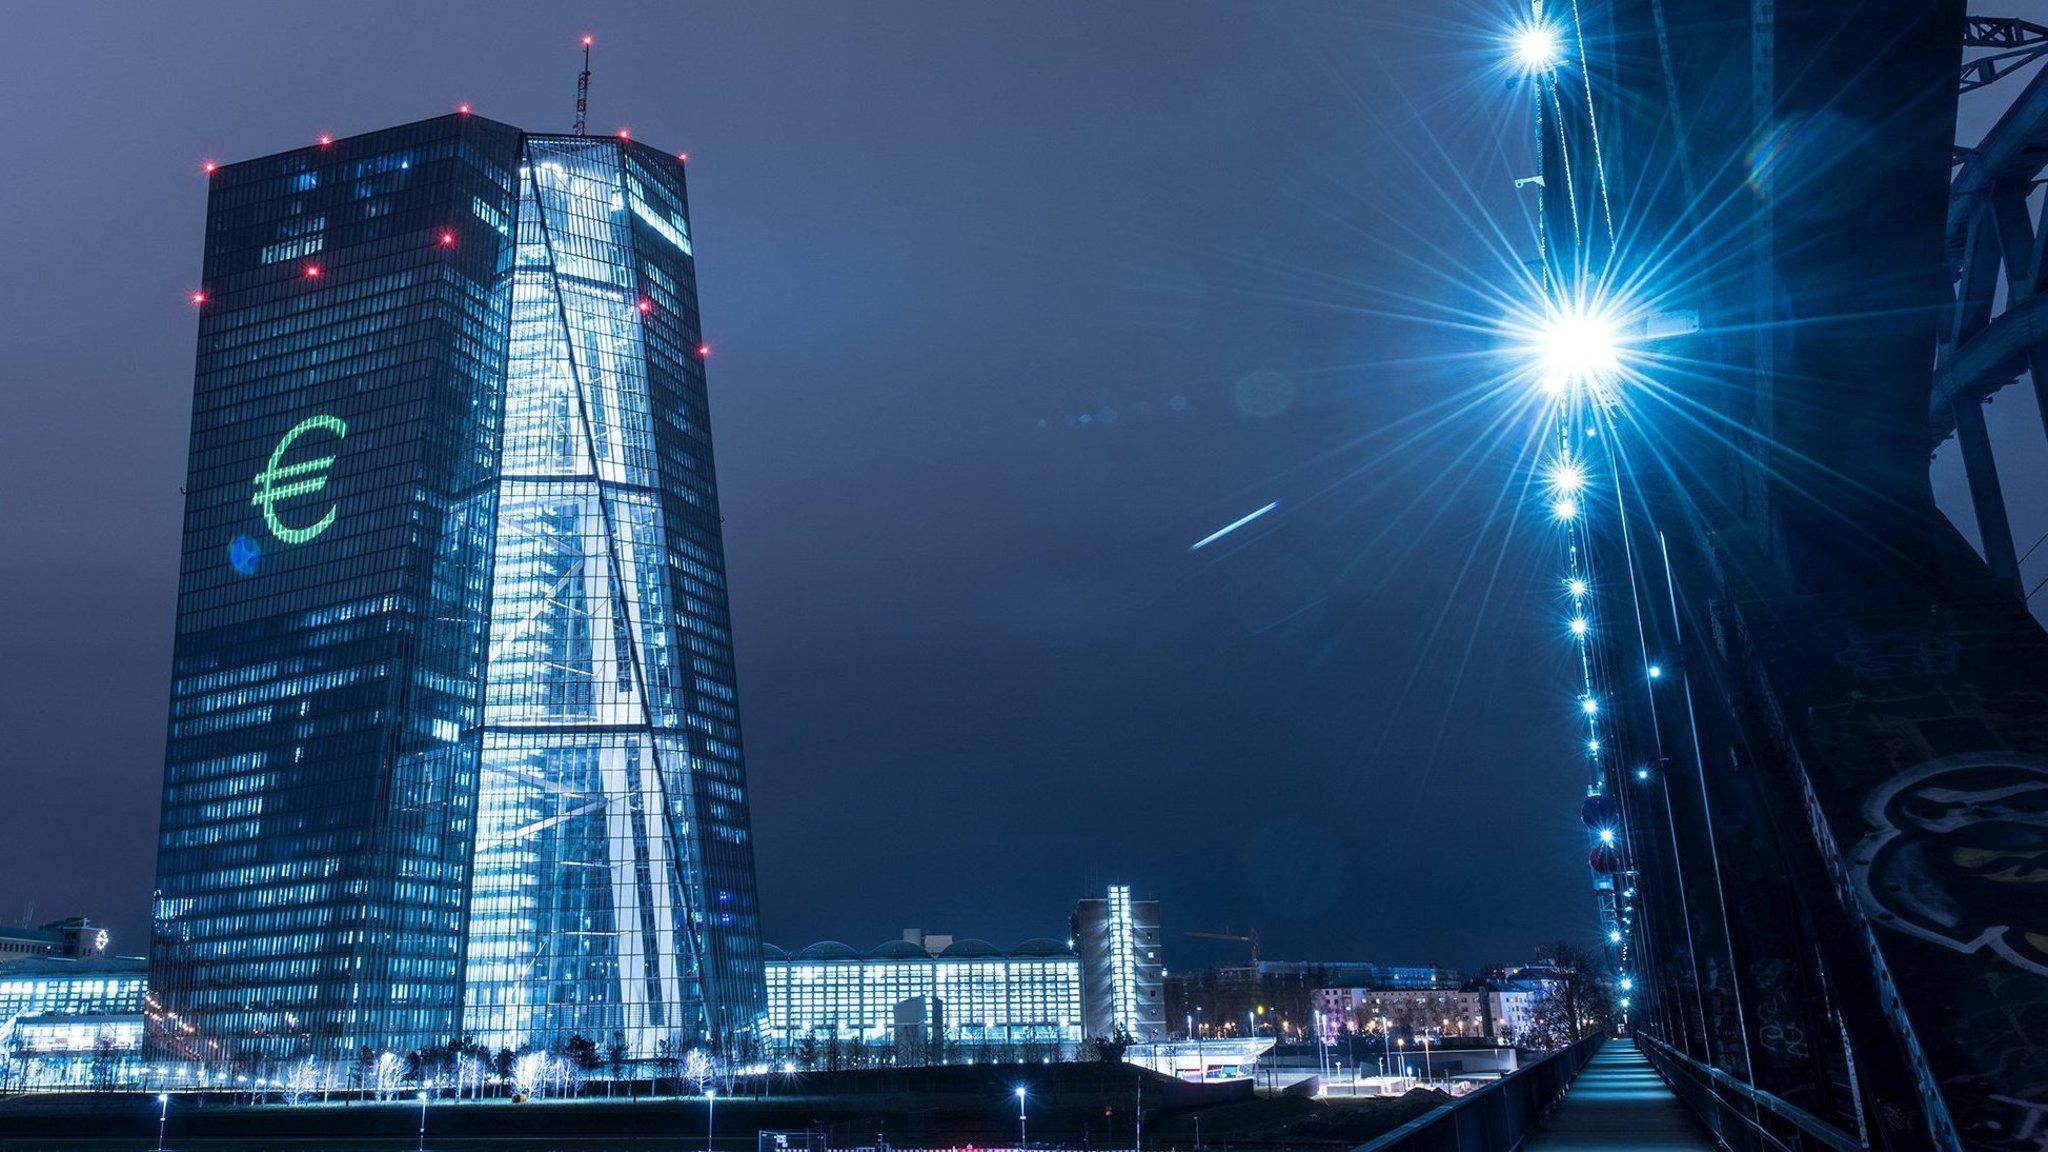 Az Európai Központi Bank egy újabb fegyvere: a duális kamatráták